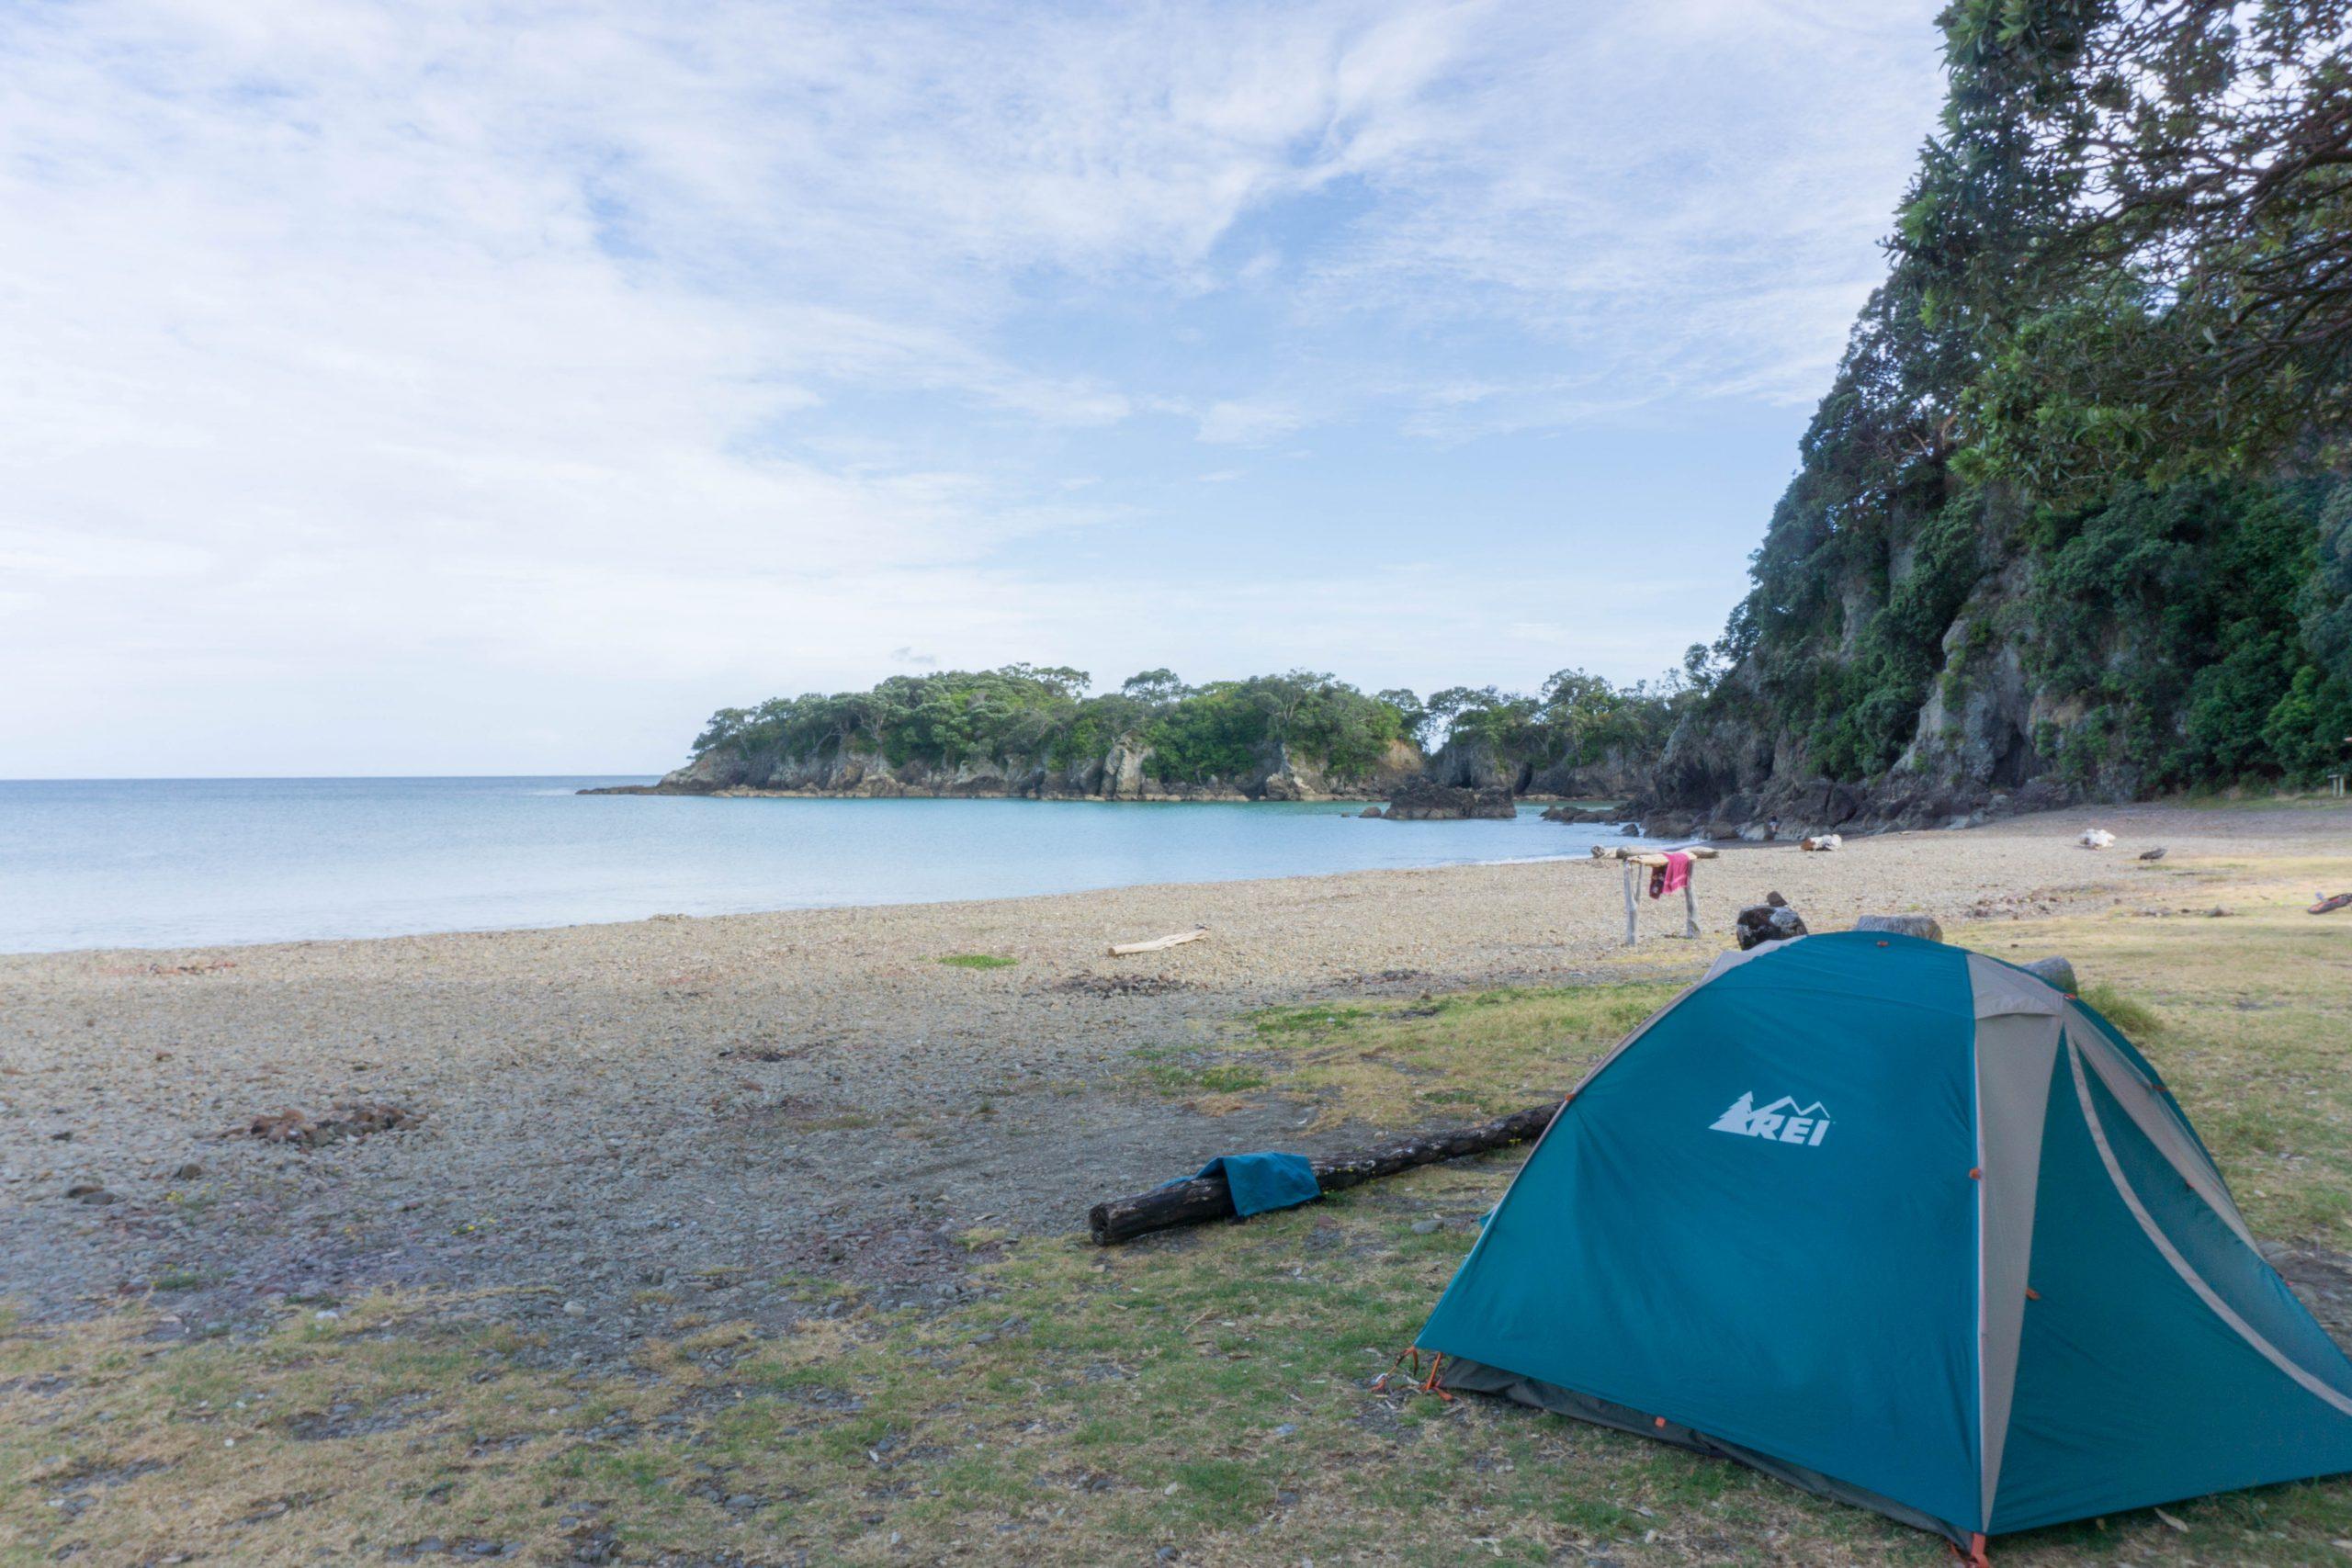 Tent camping at Maraehako Campground